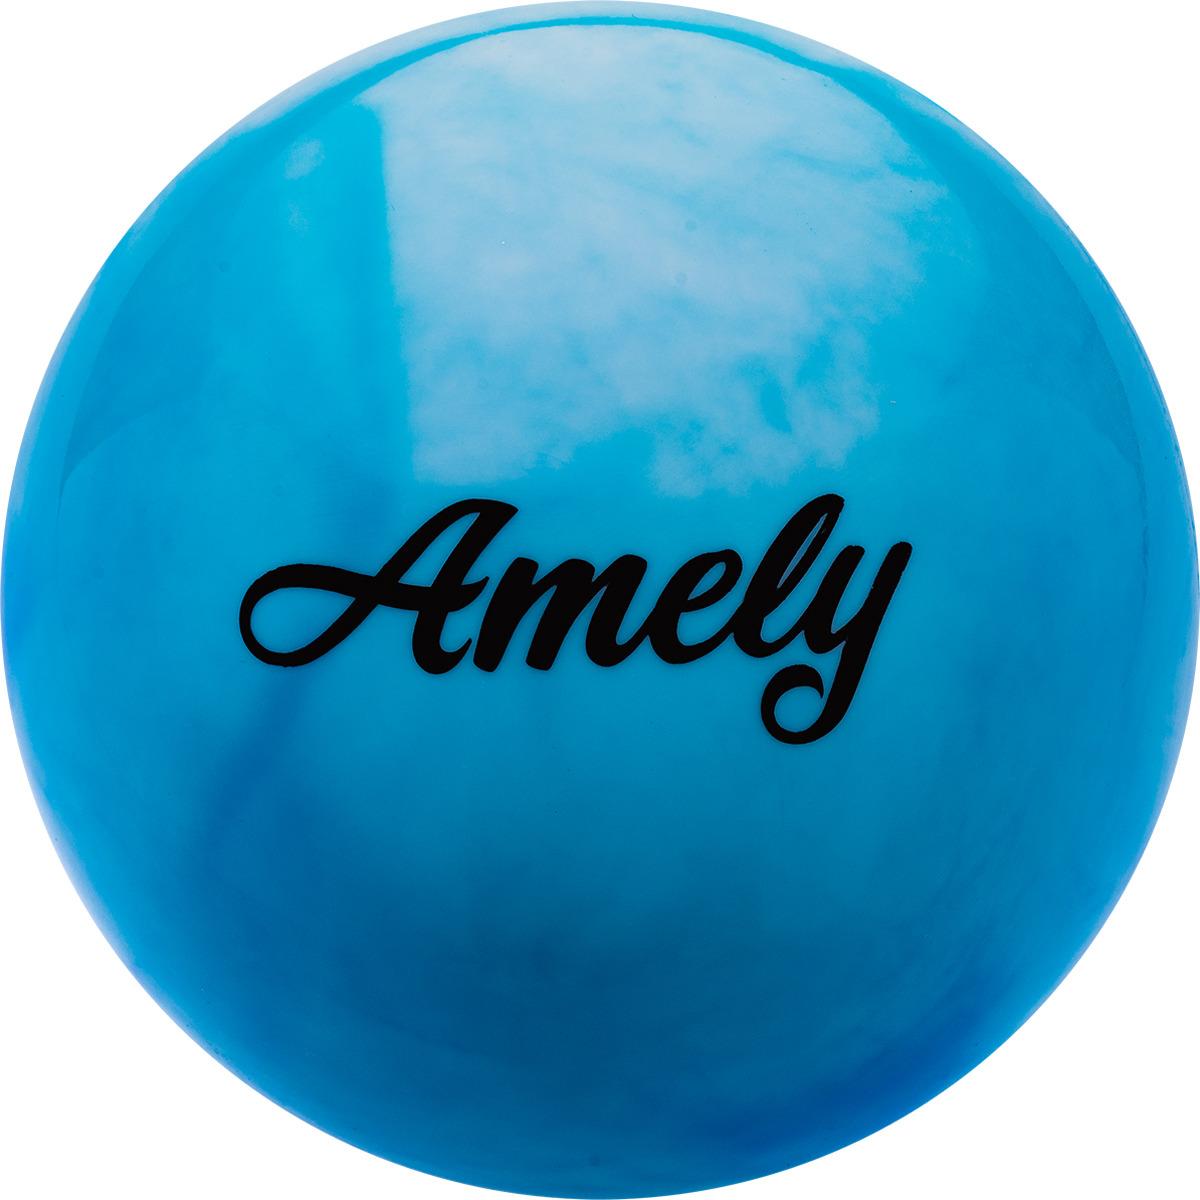 Мяч для художественной гимнастики Amely AGR-101, диаметр 19 см, цвет: синий, белый мяч для художественной гимнастики amely agr 101 диаметр 15 см цвет синий белый